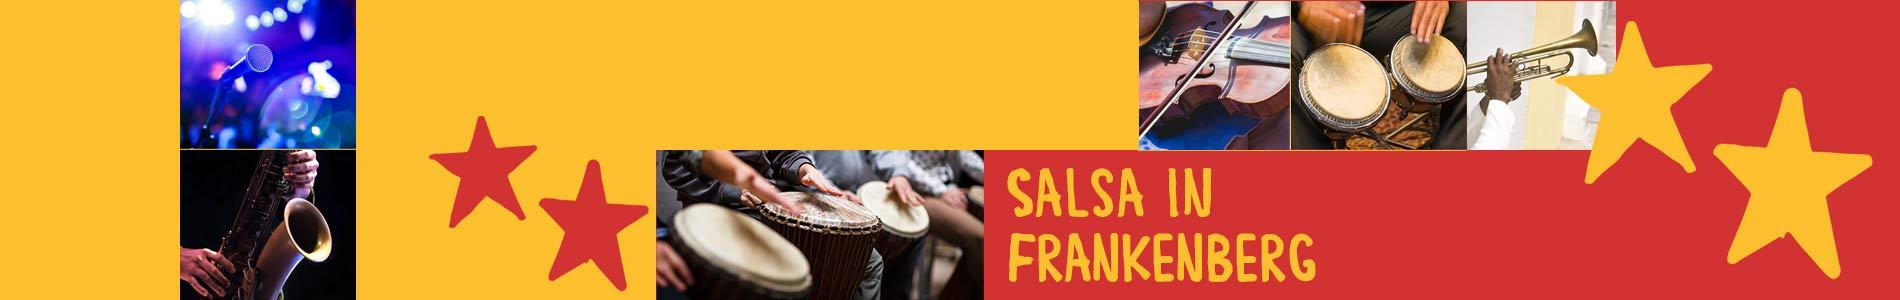 Salsa in Frankenberg – Salsa lernen und tanzen, Tanzkurse, Partys, Veranstaltungen